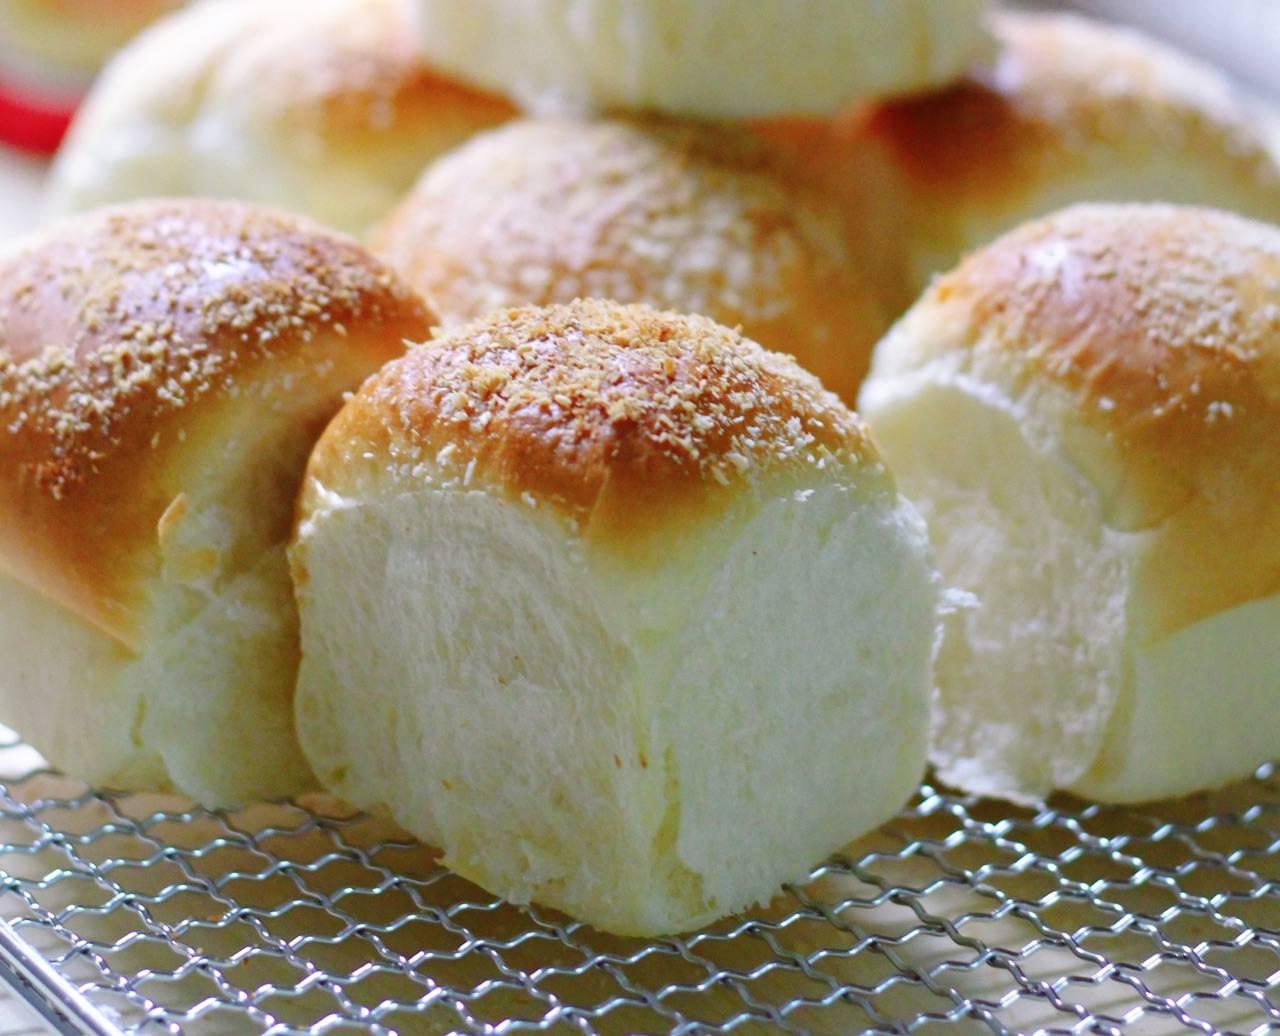 【奶酪椰蓉小餐包】的做法+配方,简简单单的椰蓉小餐包,超级软